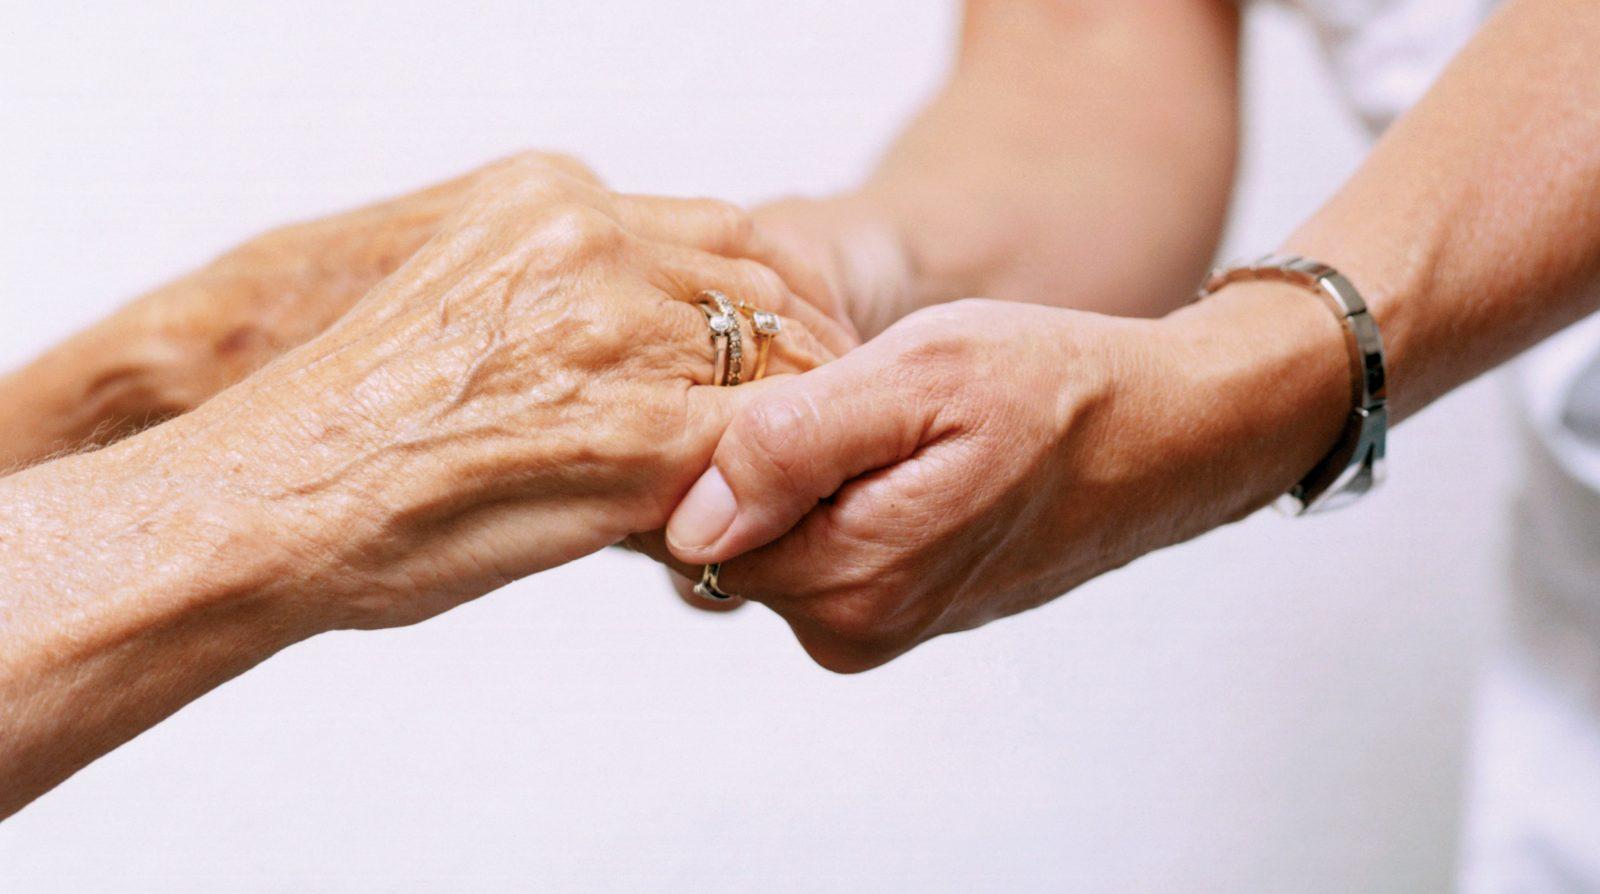 Sainte-Julie lance un programme d'aide financière pour les résidents de 65 ans et plus ayant un faible revenu